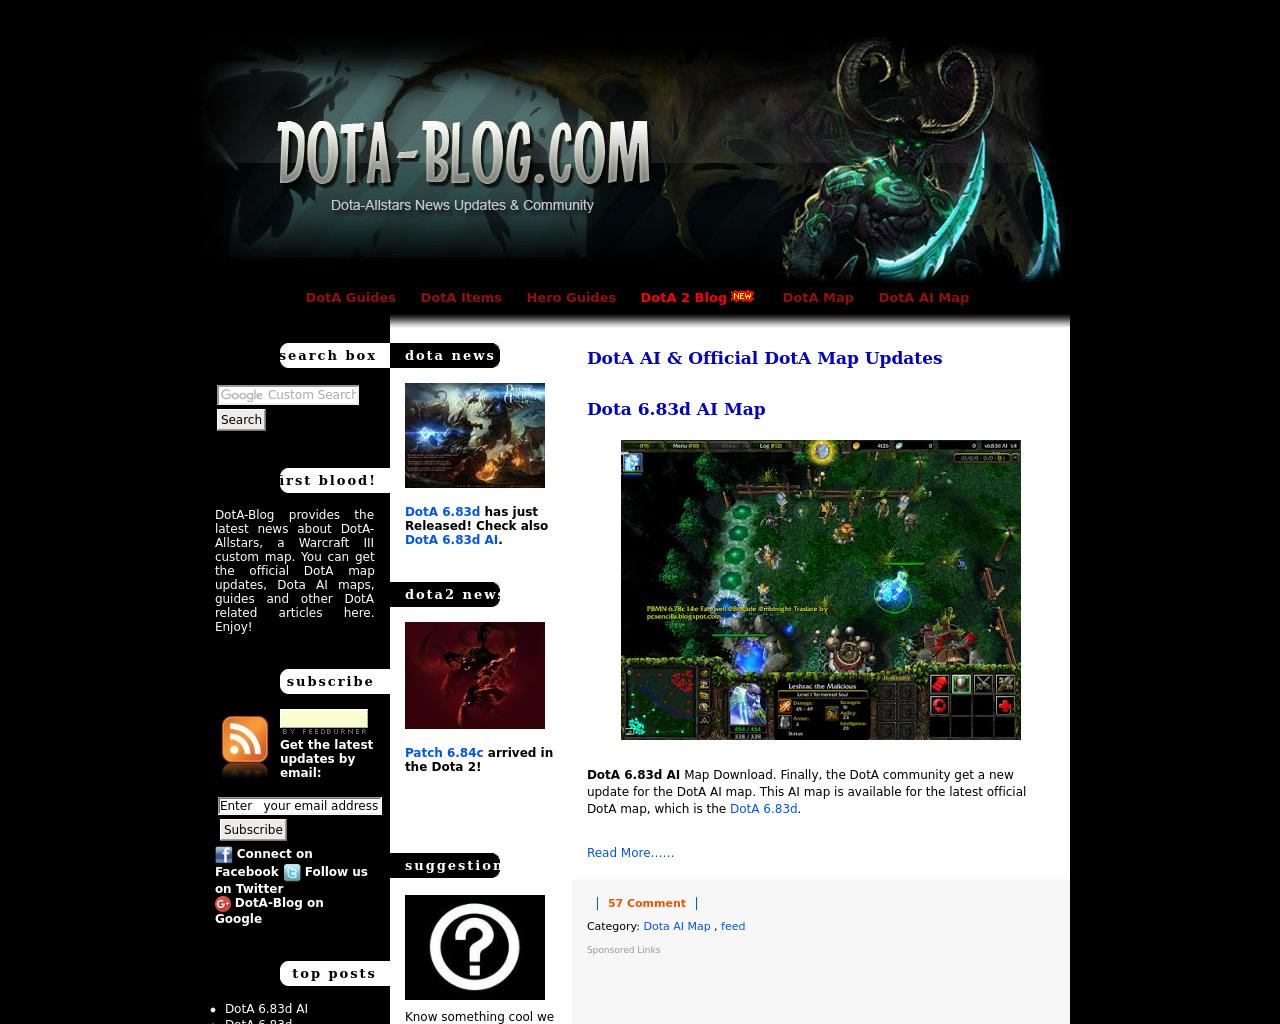 Dota-blog.com-Advertising-Reviews-Pricing